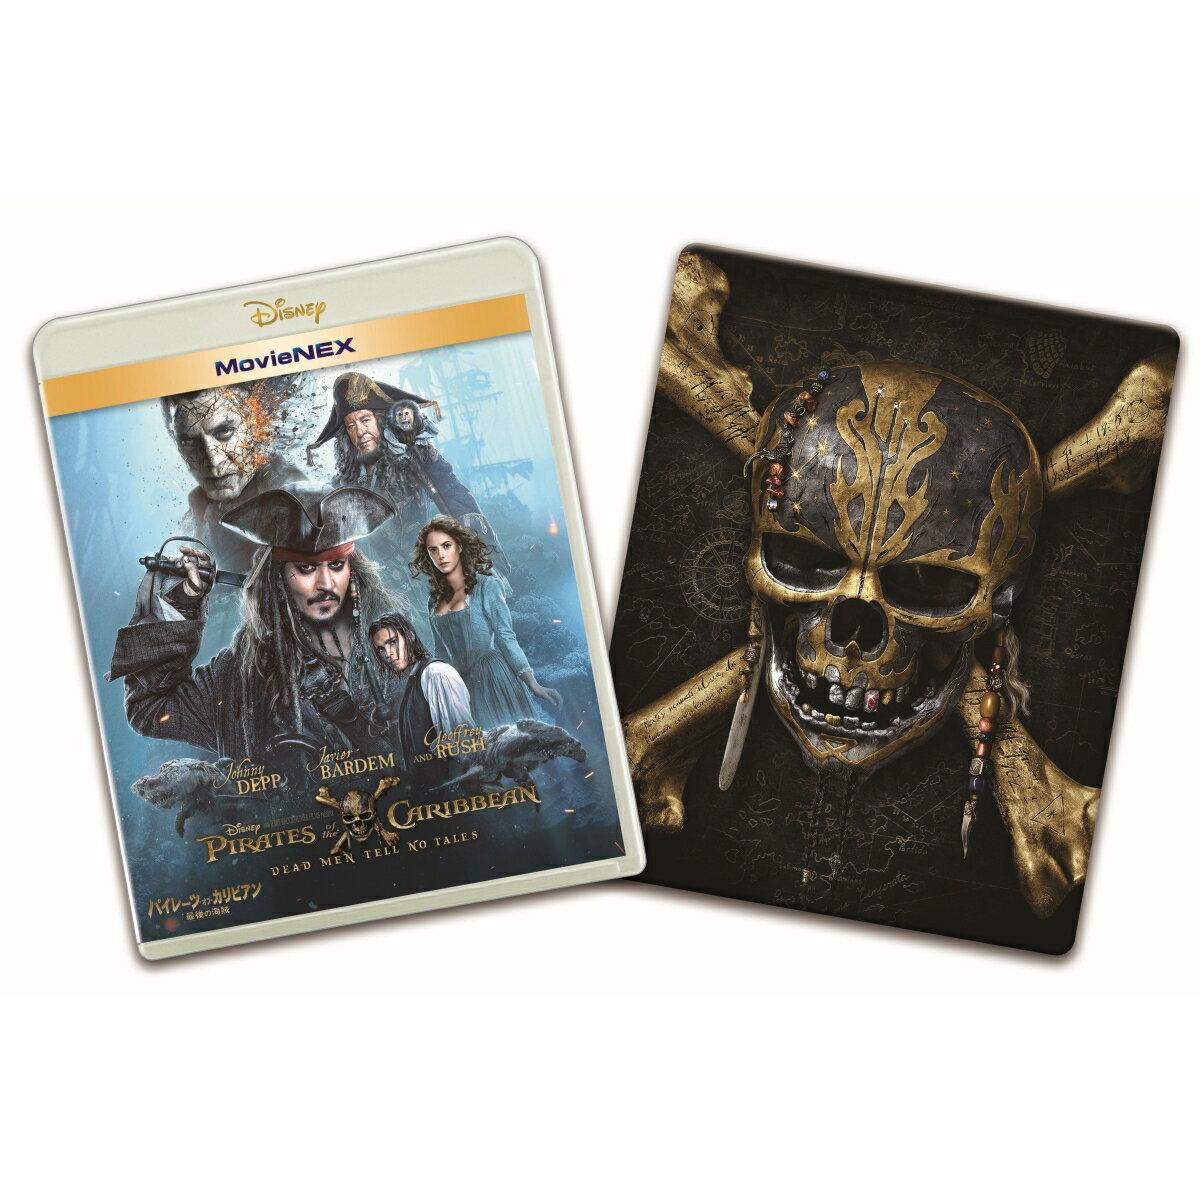 パイレーツ・オブ・カリビアン/最後の海賊 MovieNEX プラス3Dスチールブック(オンライン数量限定商品) [ ジョニー・デップ ]